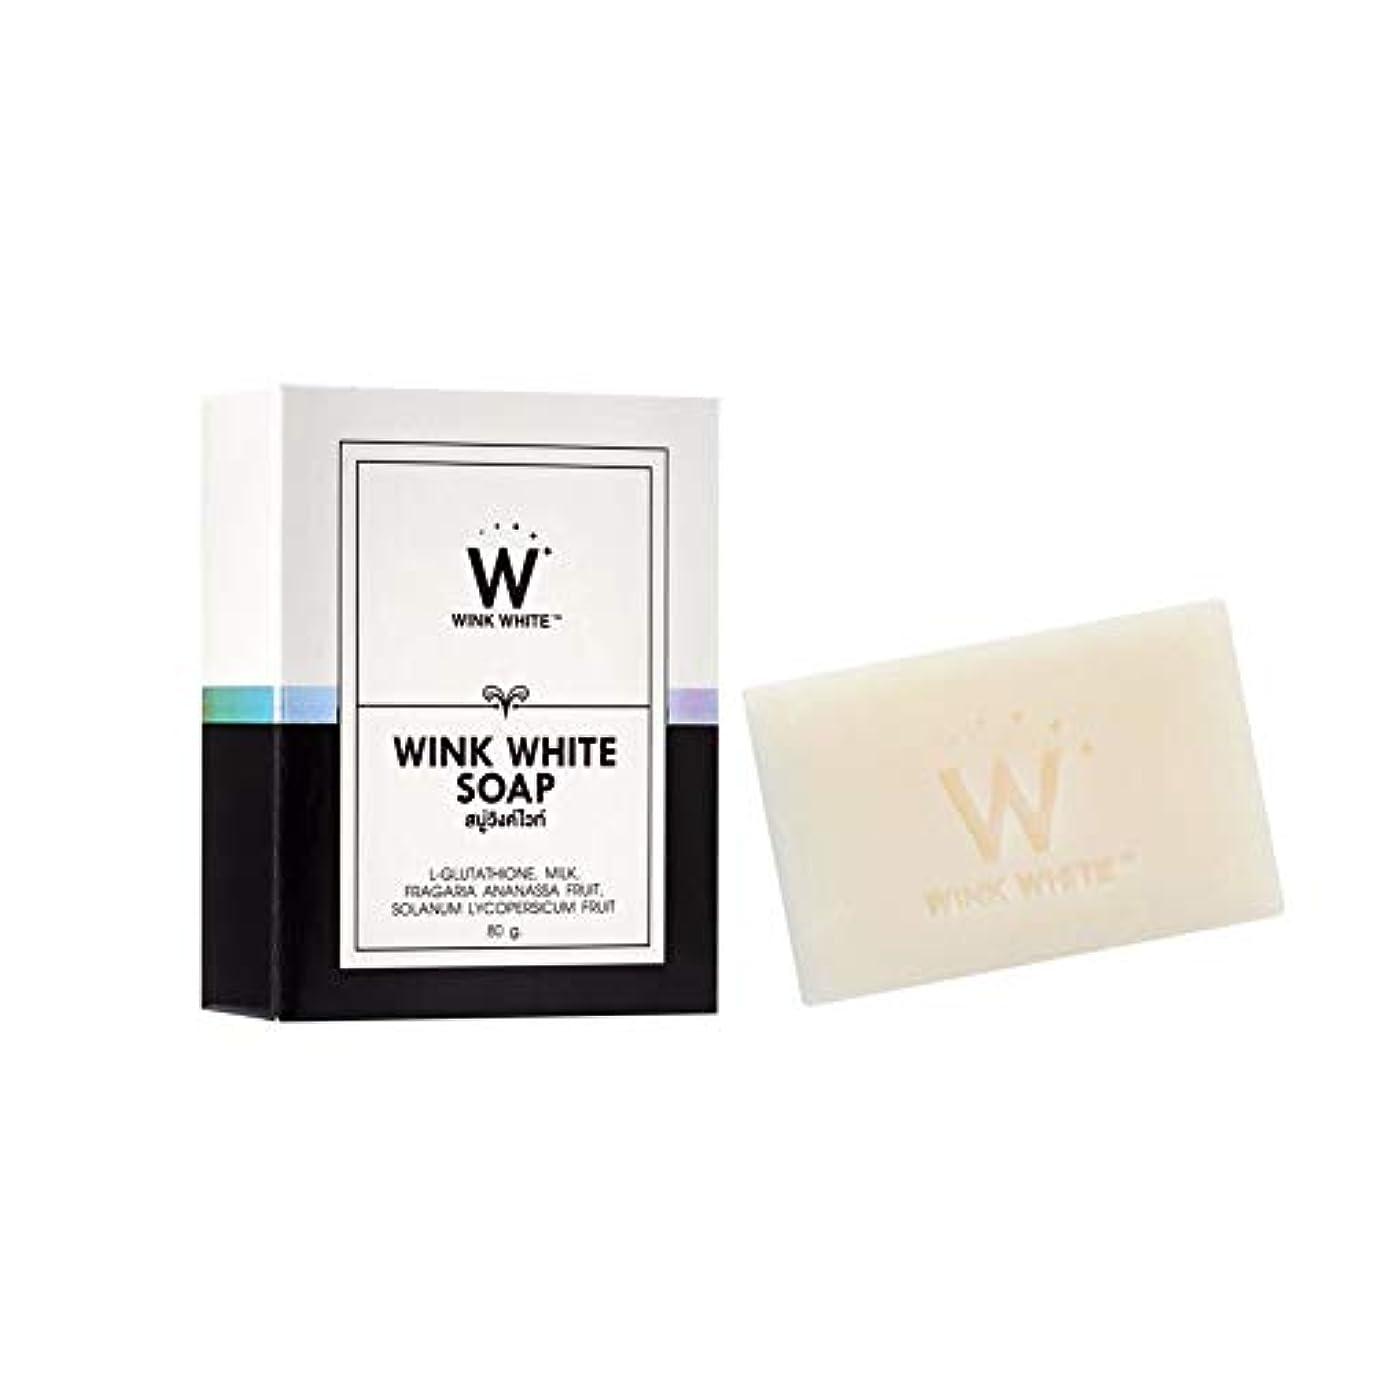 袋愚か悪夢Soap Net Nature White Soap Base Wink White Soap Gluta Pure Skin Body Whitening Strawberry for Whitening Skin All...